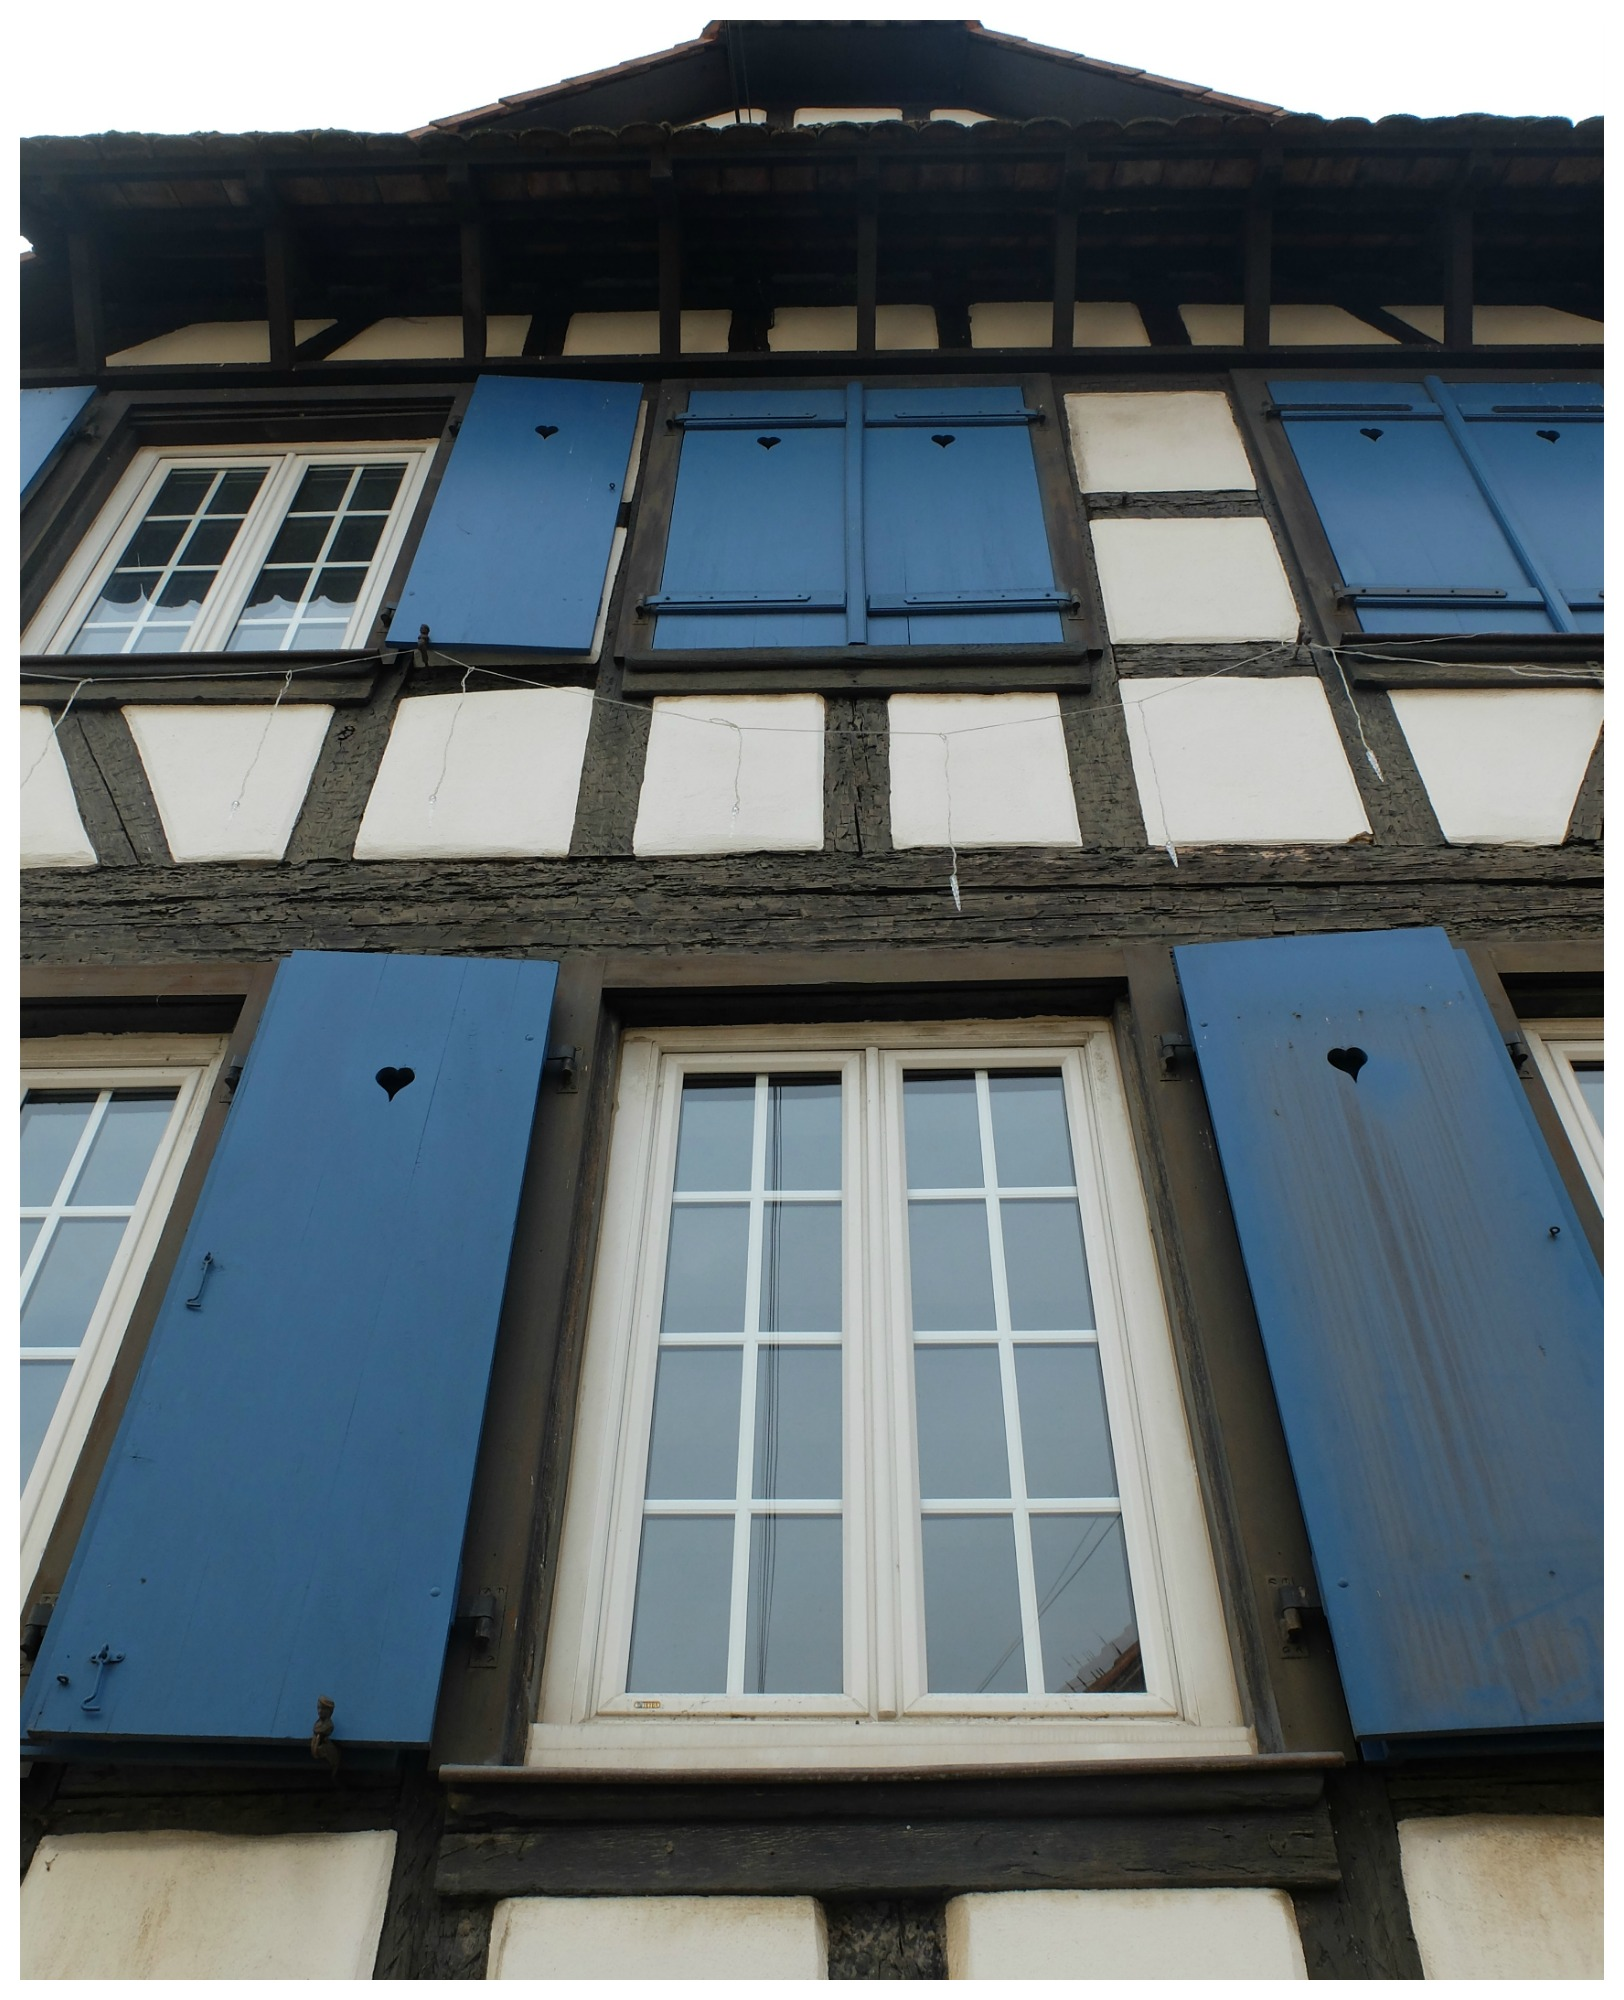 Les volets bleus chambres d 39 h tes en alsace a la - Chambre d hote en alsace ...